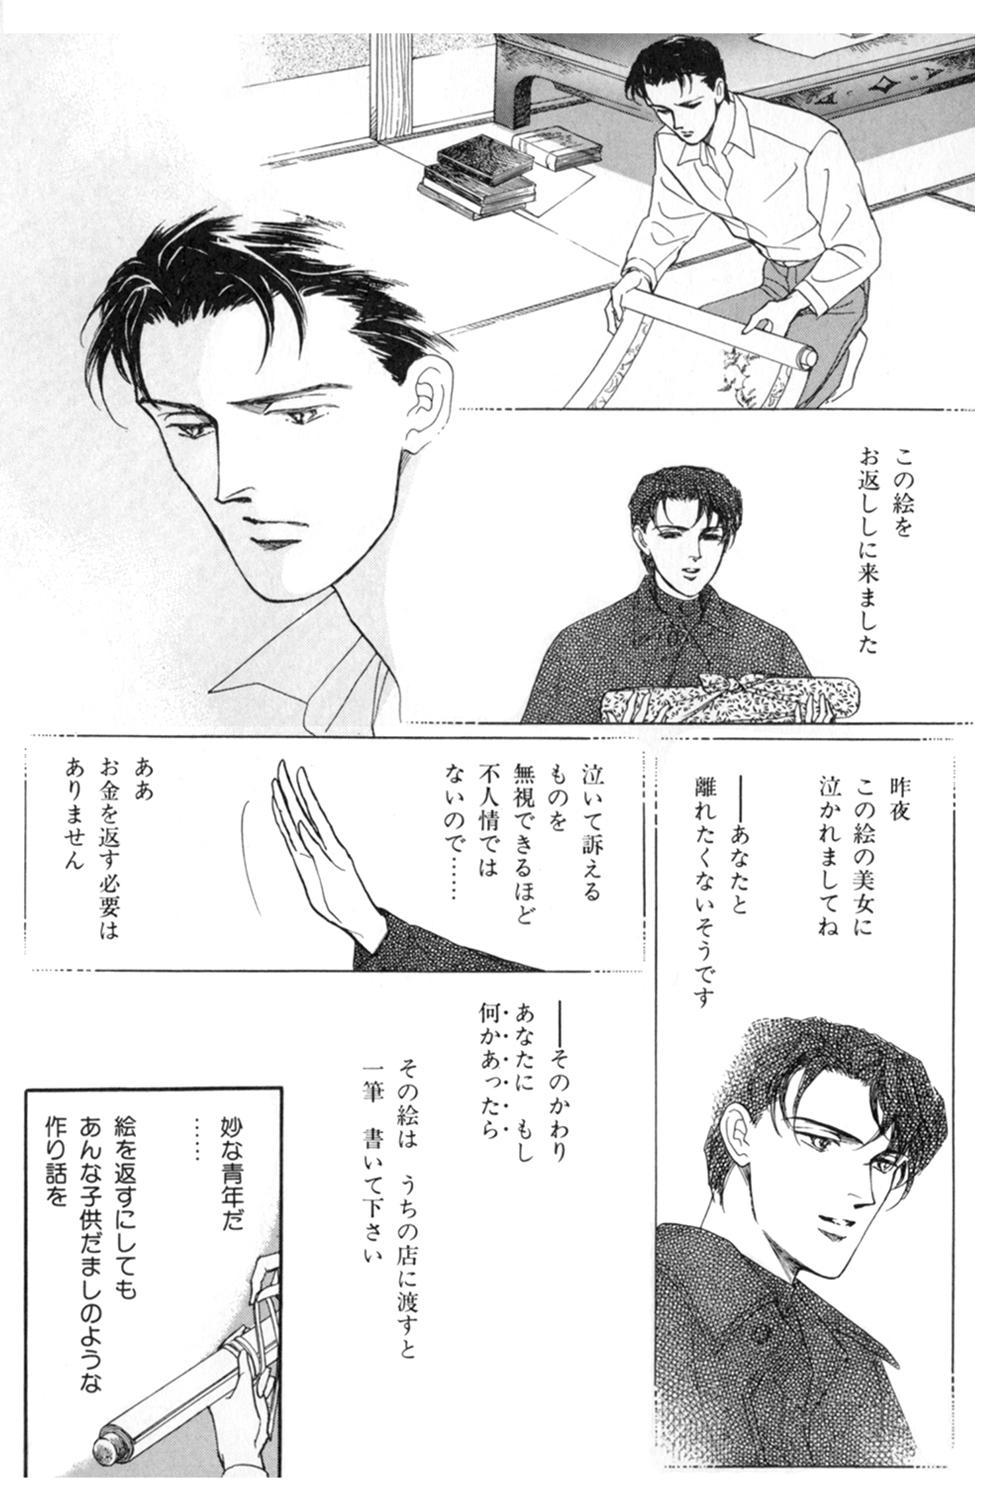 雨柳堂夢咄 第1話「花椿の恋」②uryu16.jpg